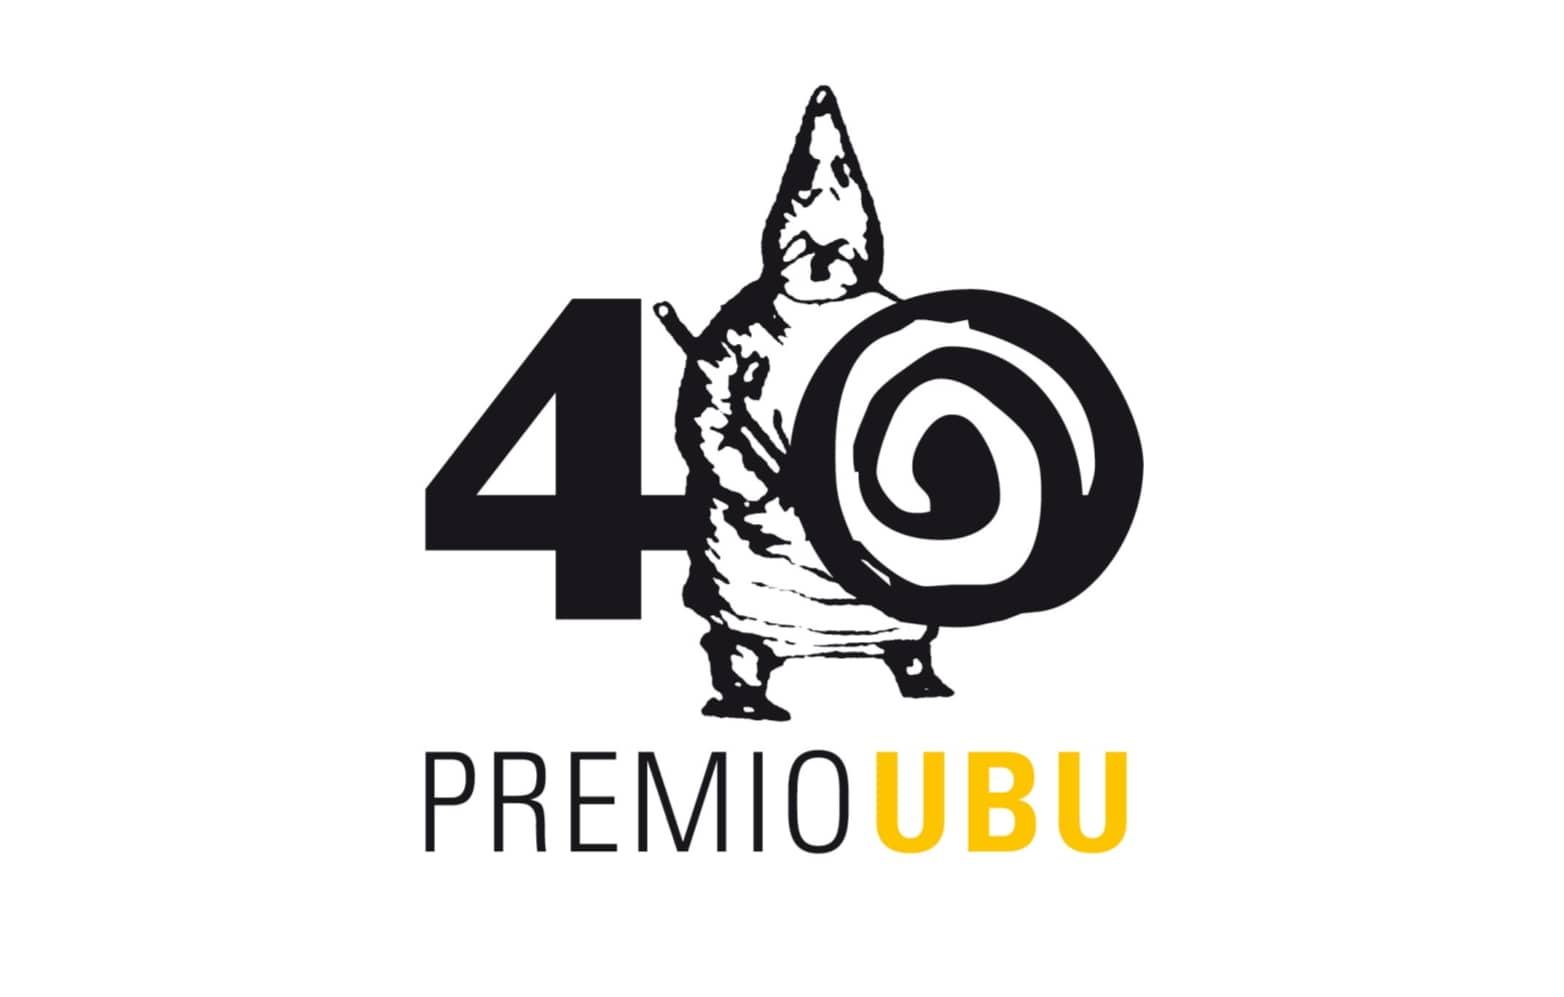 Finalisti PREMIO UBU 2017